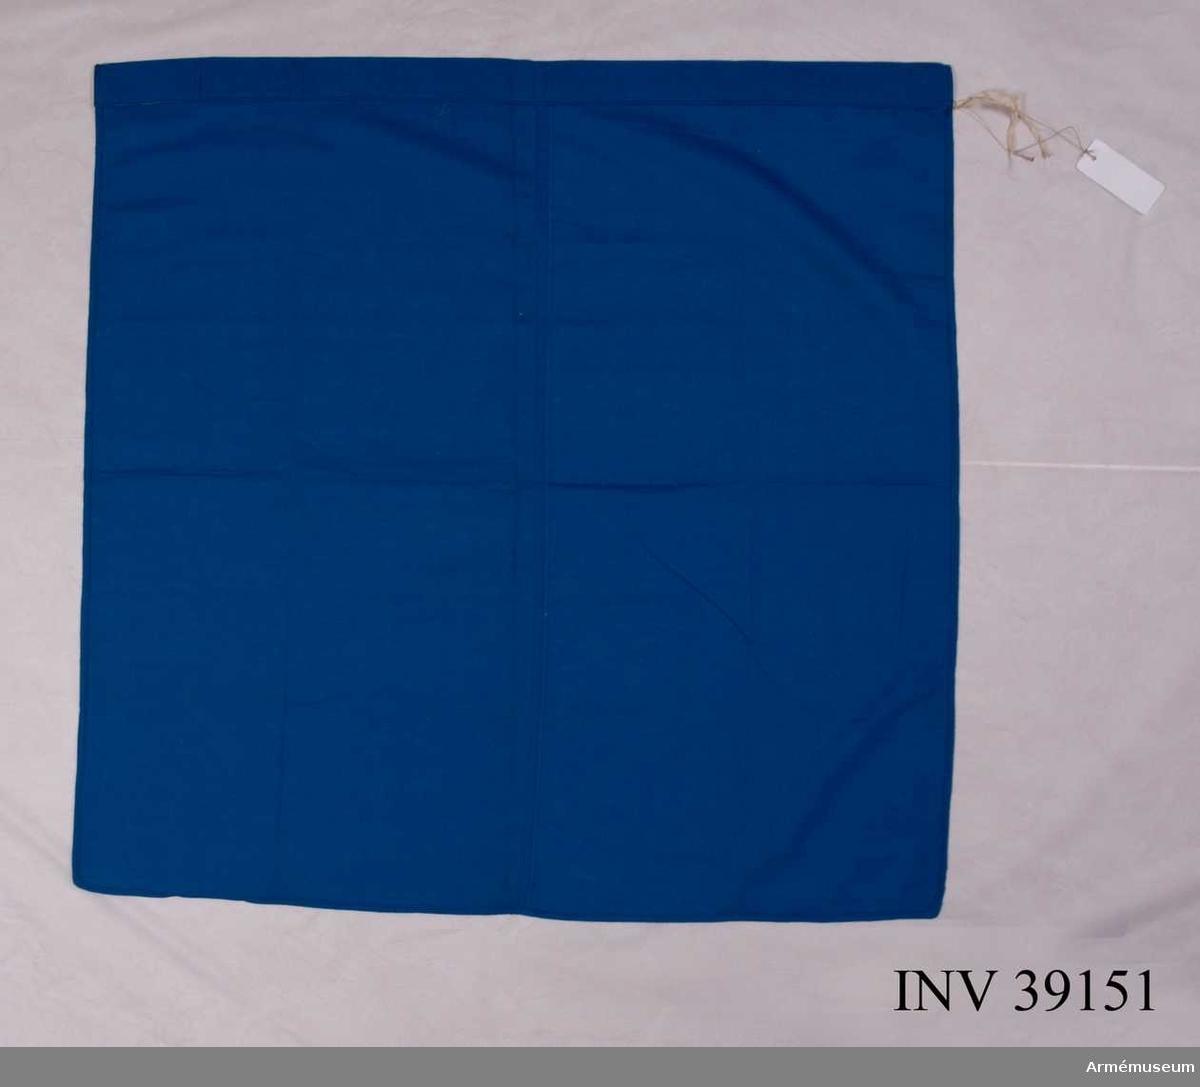 Grupp H III.  Av blå flaggduk utan dekor (märke). Upptill på längre sidan en kanal för stång.